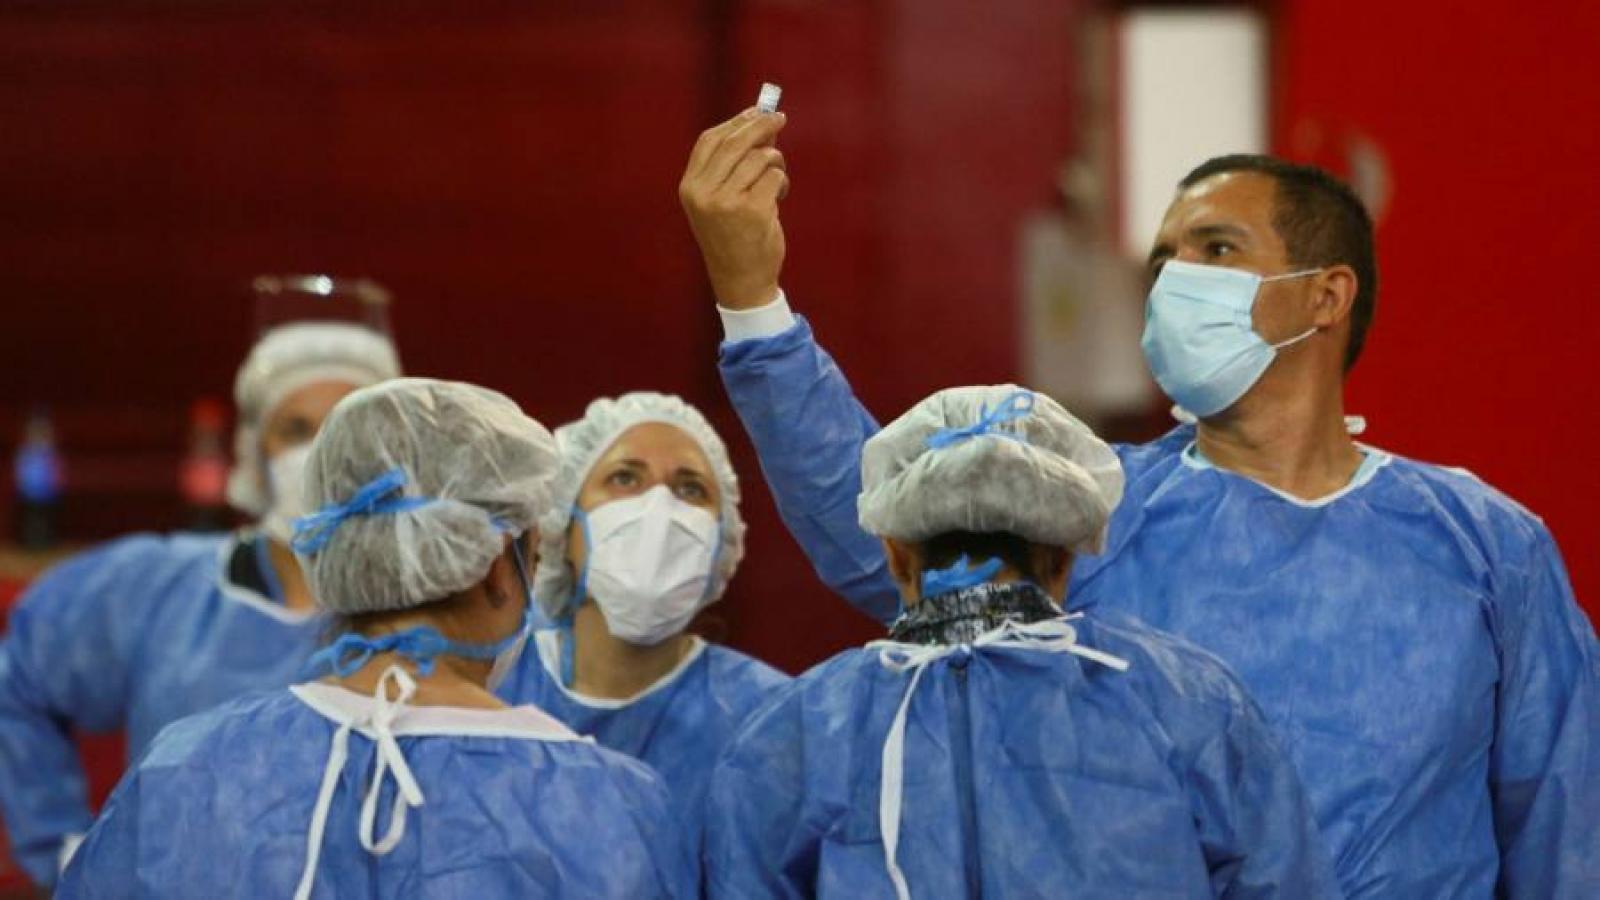 Mỹ chậm chân nên thua xa Nga và Trung Quốc trong ngoại giao vaccine